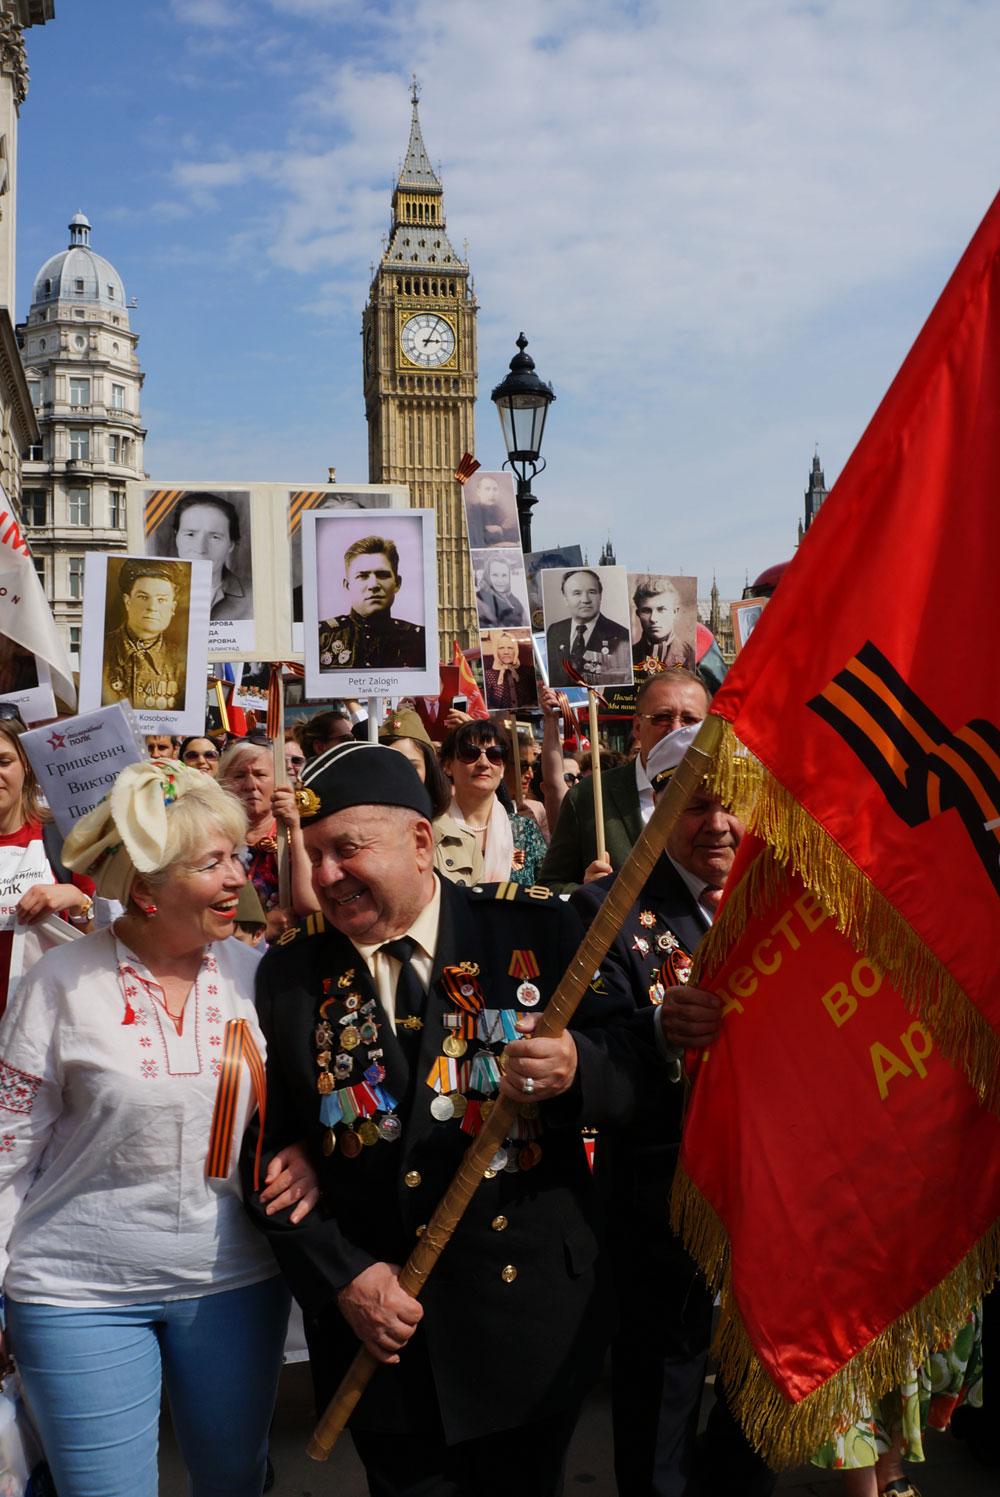 The Immortal Regiment procession in London, 2016. / Photo: Yelena Bozhkova